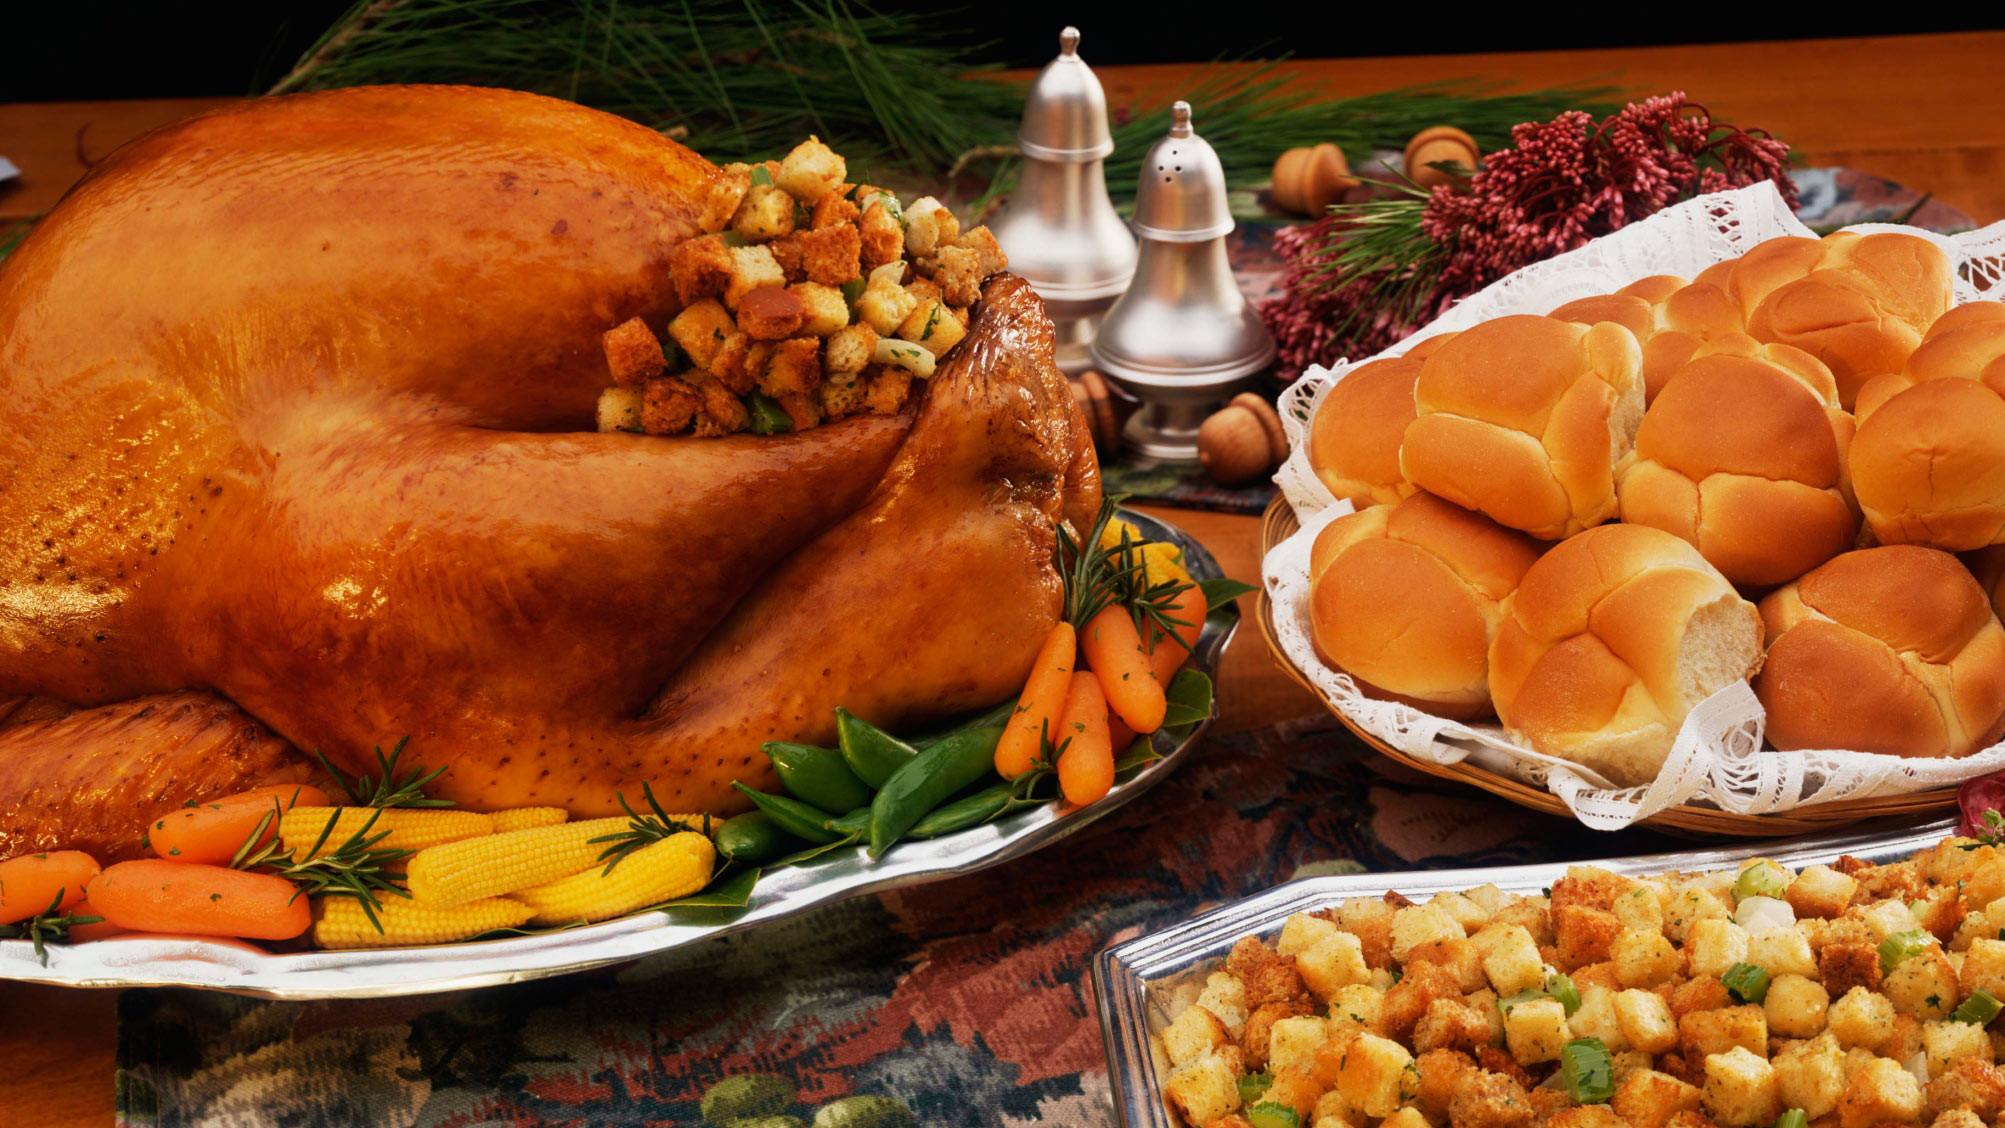 Free Thanksgiving Dinner  Central Christian Church Free Thanksgiving Dinner The